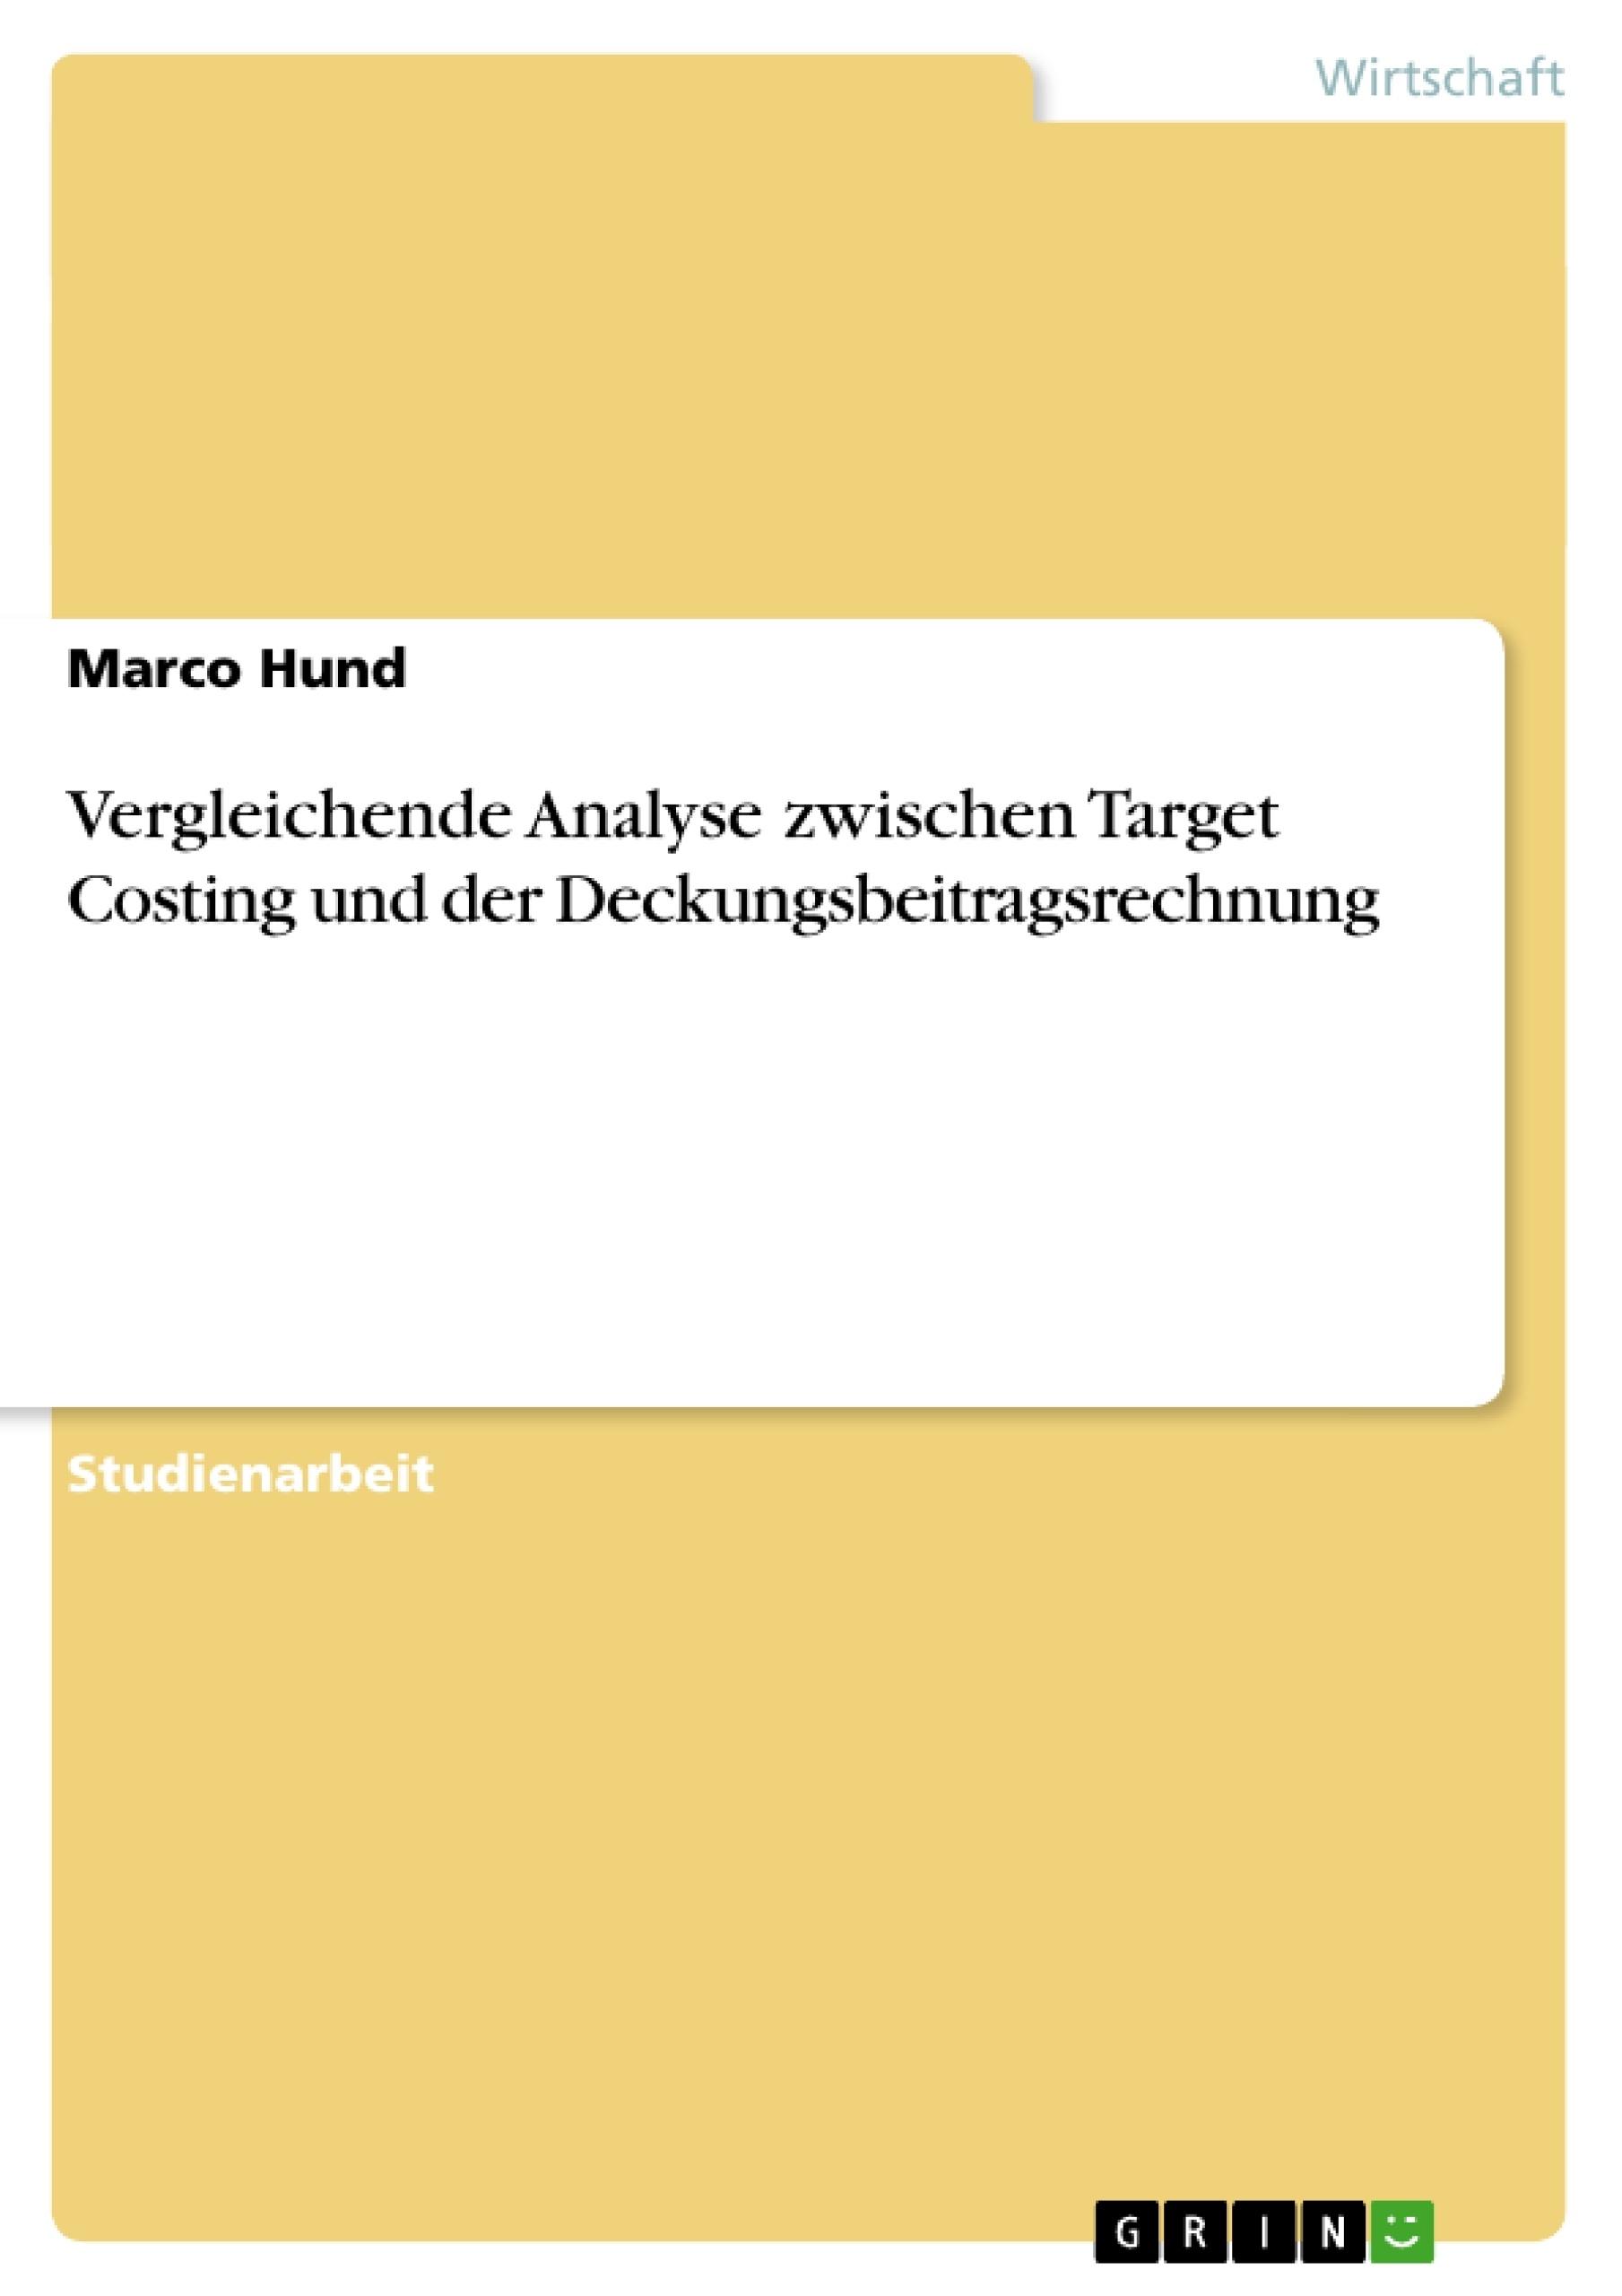 Titel: Vergleichende Analyse zwischen Target Costing und der Deckungsbeitragsrechnung